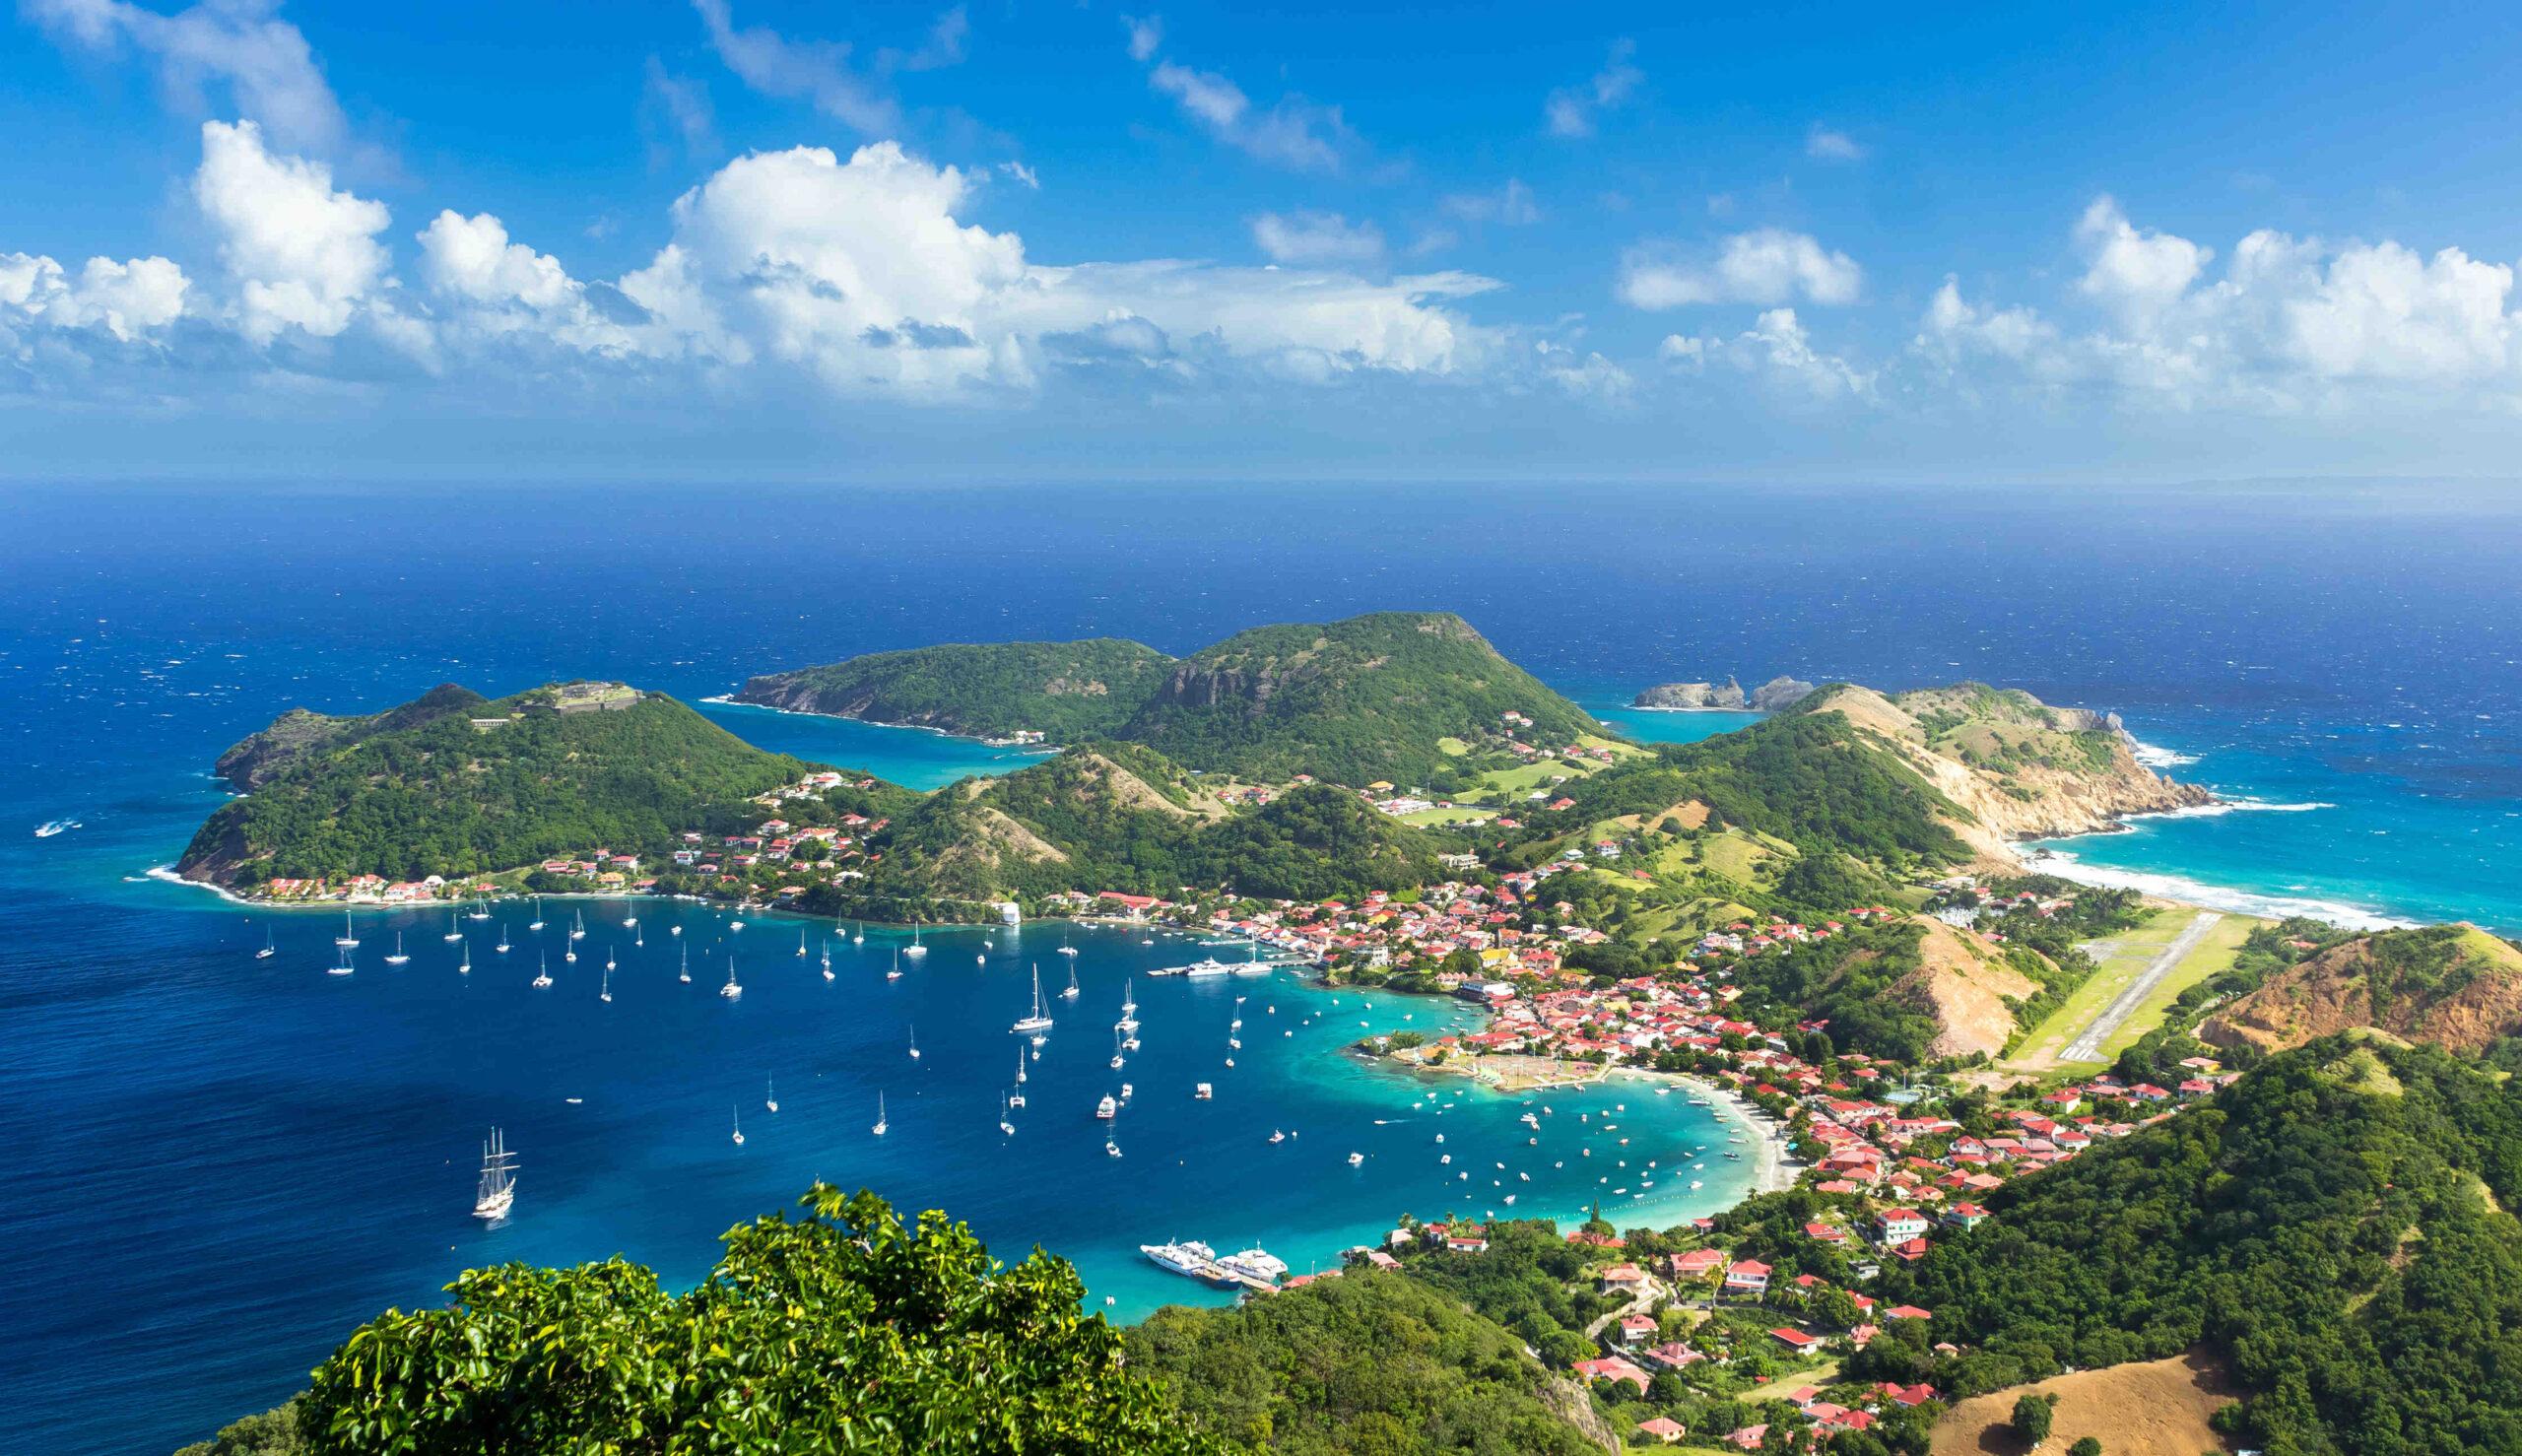 Quelle est la plus belle île d'Europe?